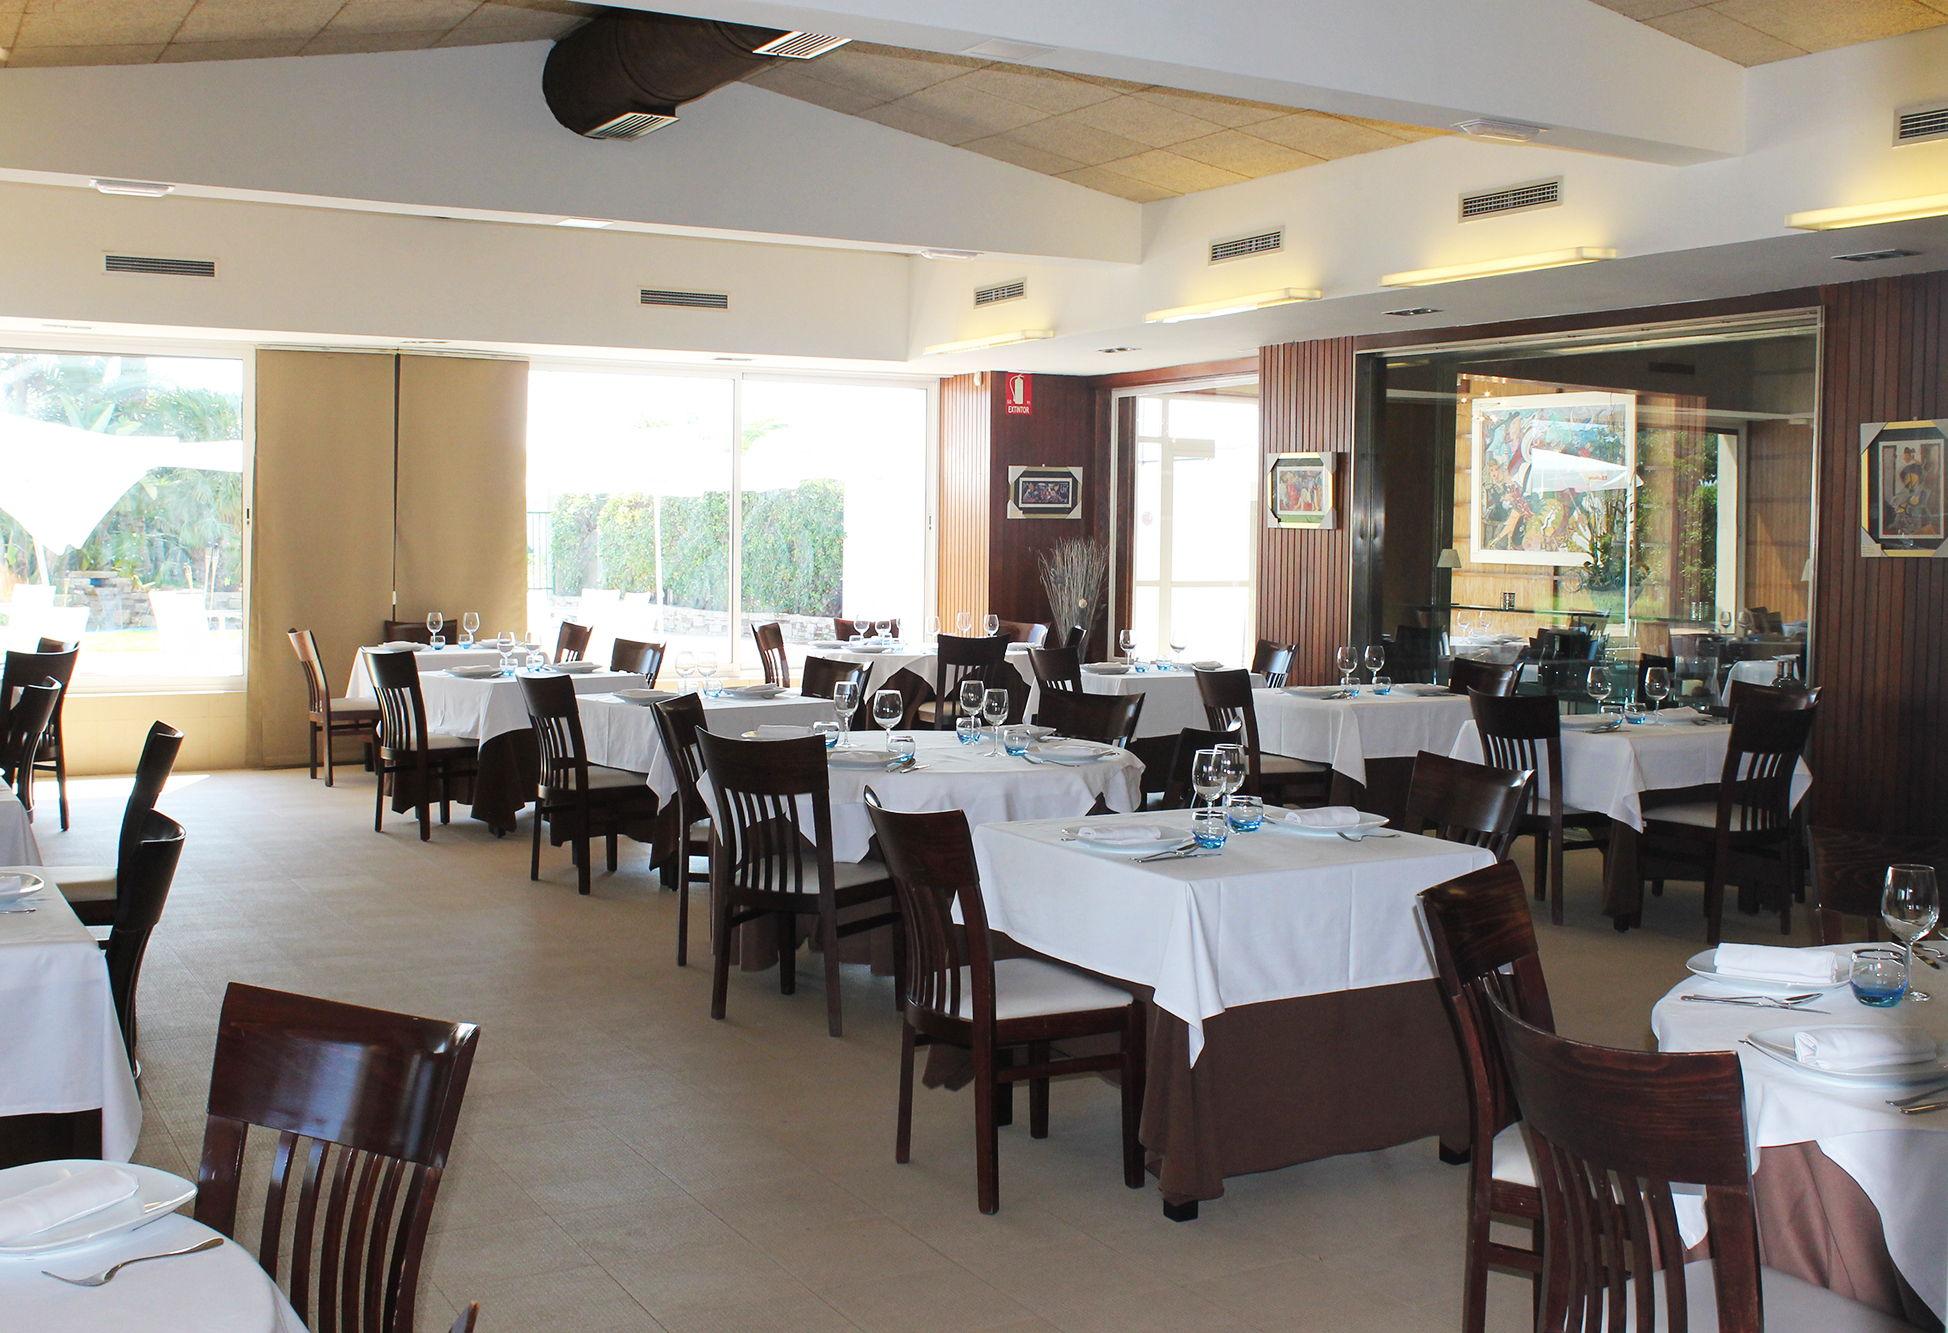 Restaurante alqueria de la mar alqueria de la mar - Restaurante en pinedo ...